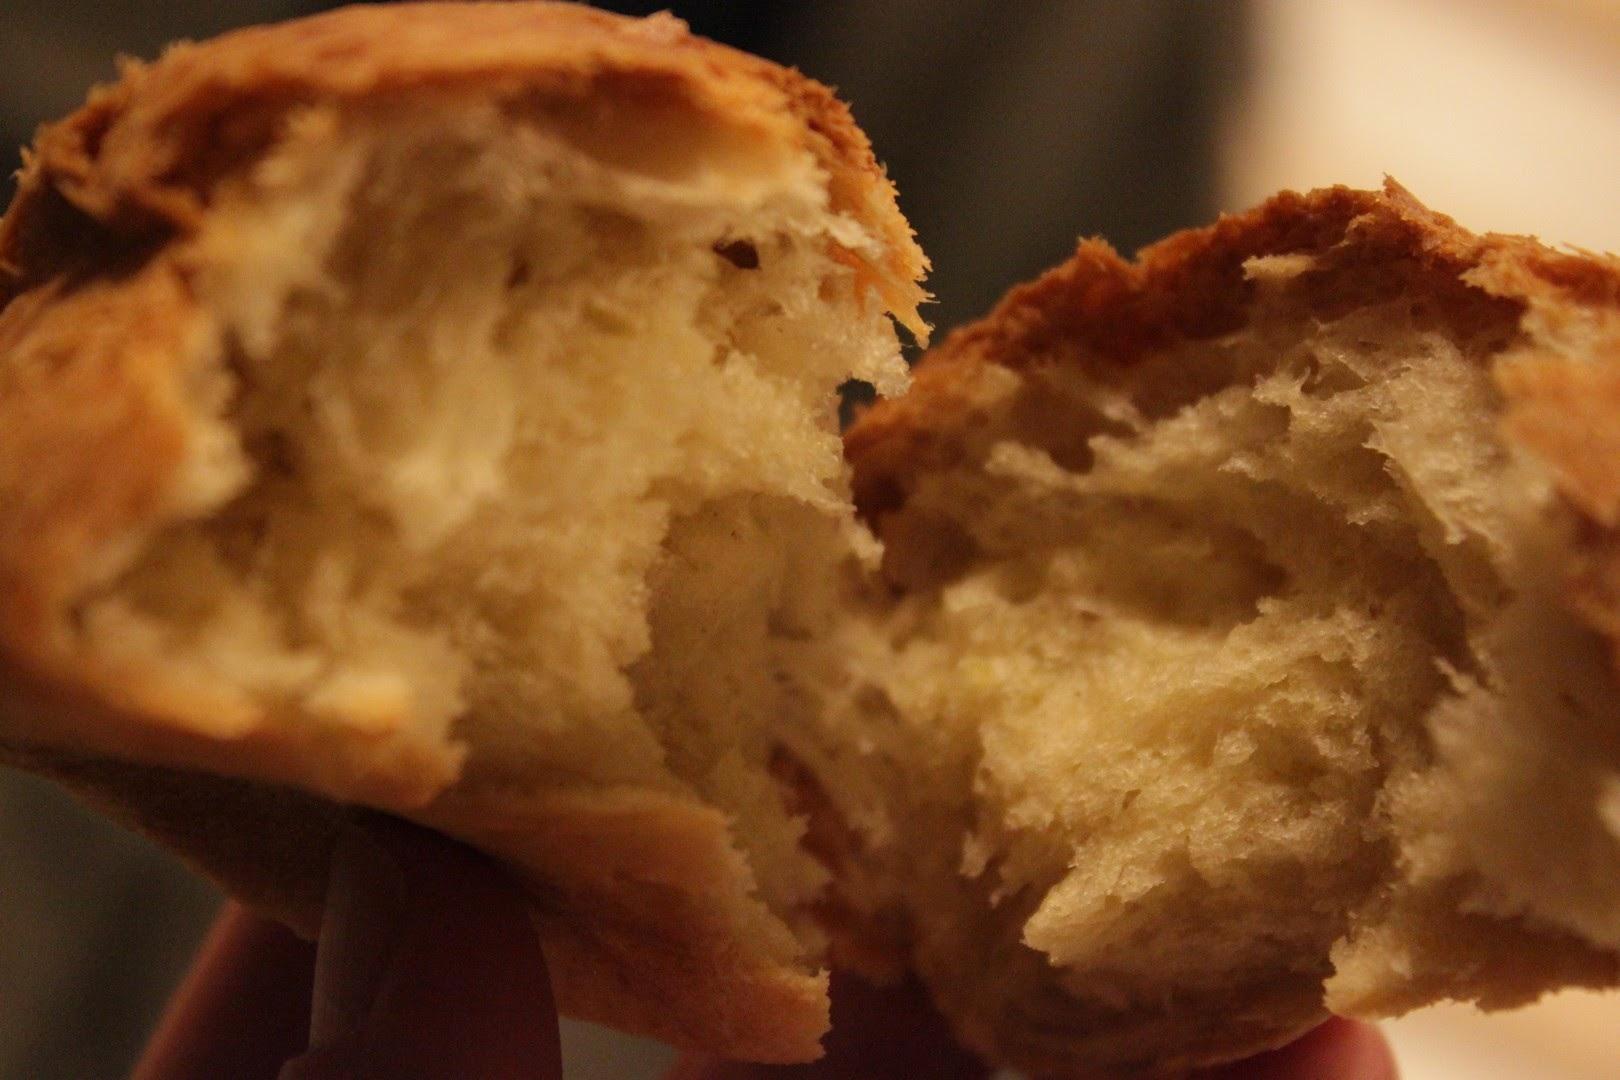 corso di cucina a torino scuola di cucina corso di panificazione torino la palestra del cibo panificare pane fatto in casa pani speciali farine speciali